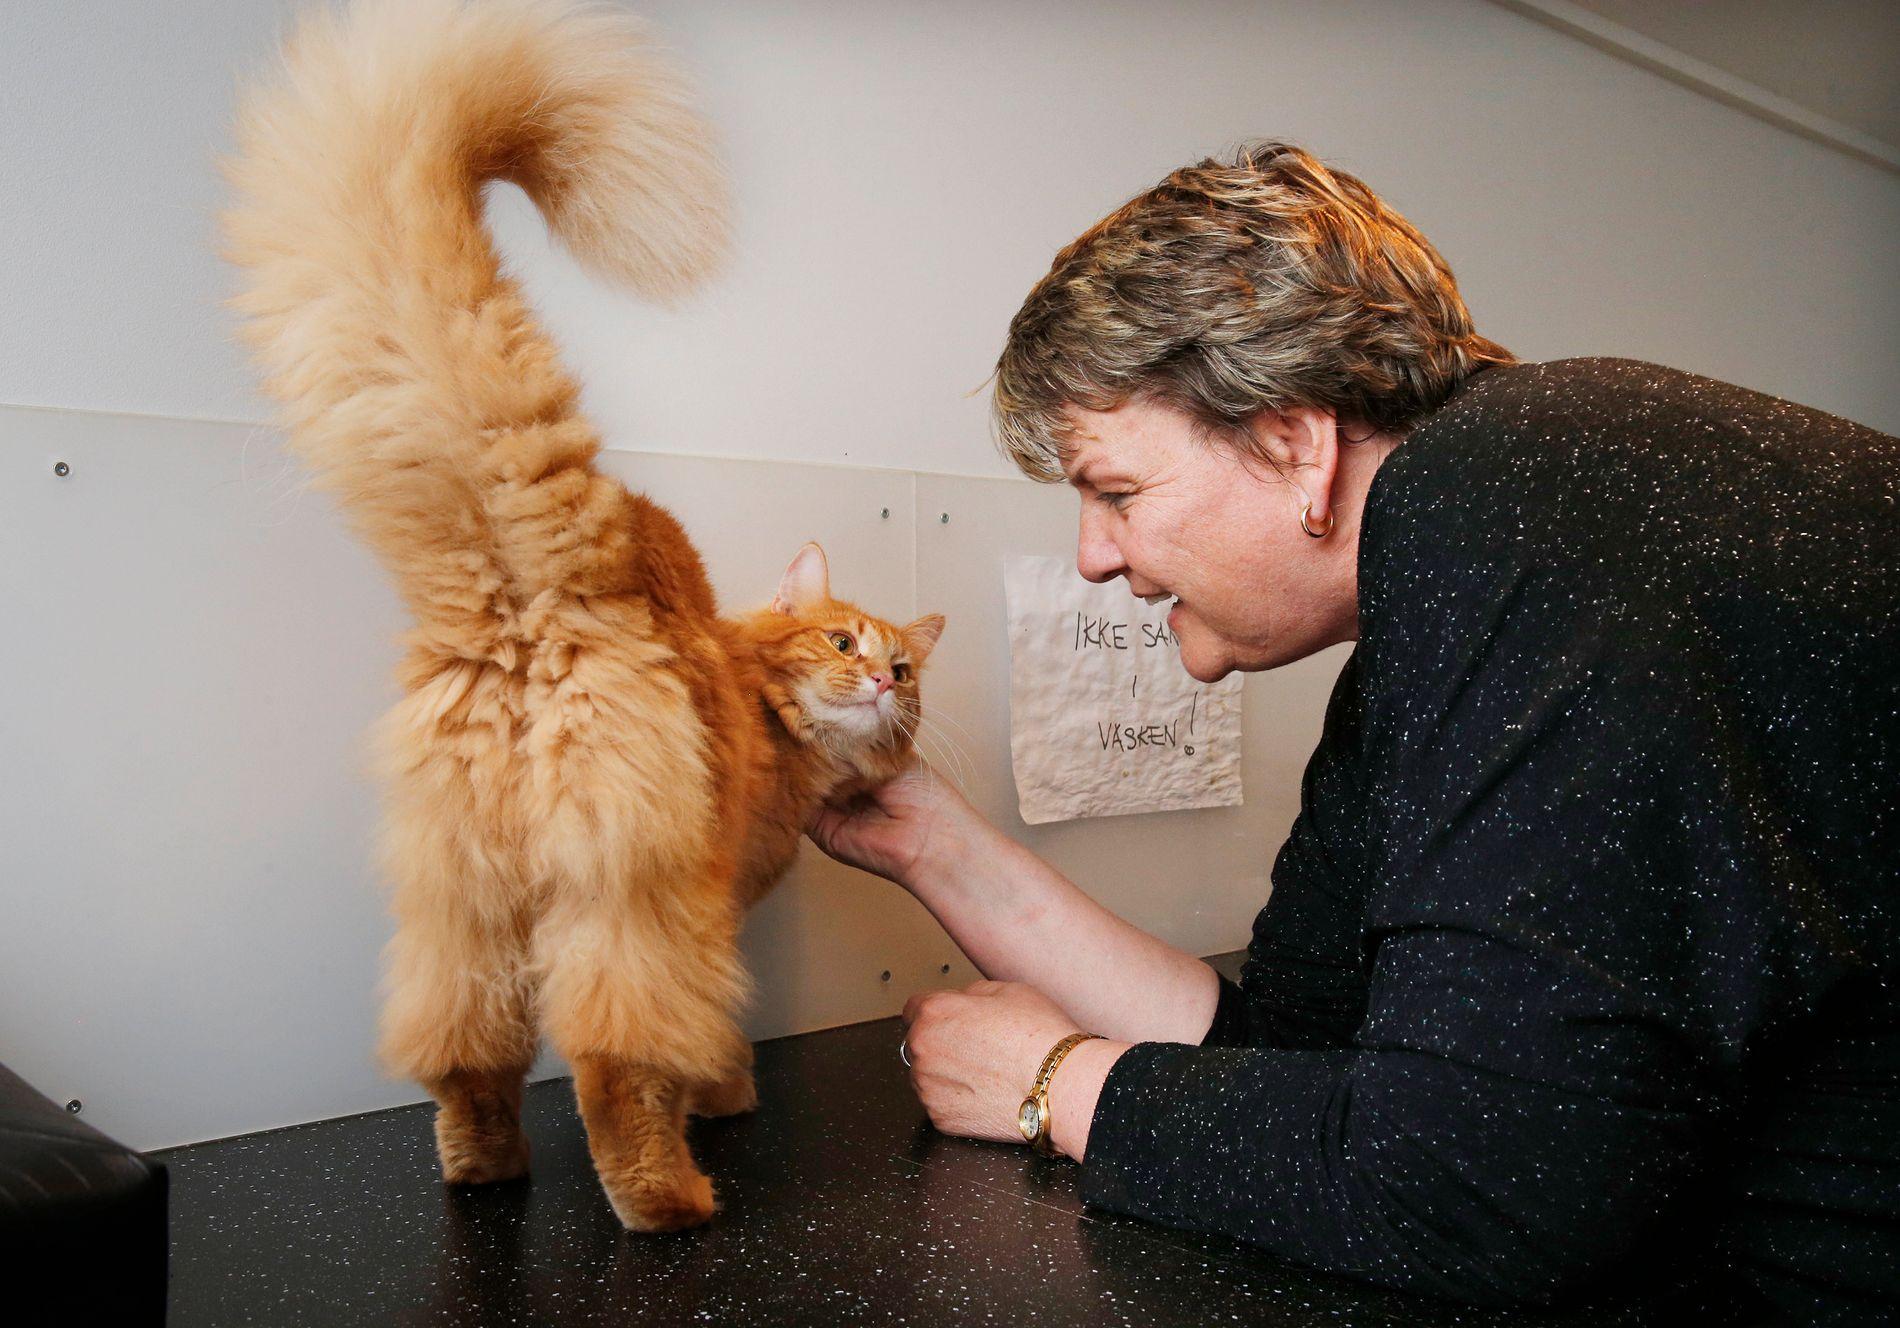 SORG OG GLEDE: Stine Jansen, her med Simba, sier at det er et tveegget sverd å jobbe med hjemløse dyr. Etter ti år kan hun fremdeles gråte over grusomme dyreskjebner, men også bli lykkelig av å se en katts utvikling fra livredd til lykkelig.